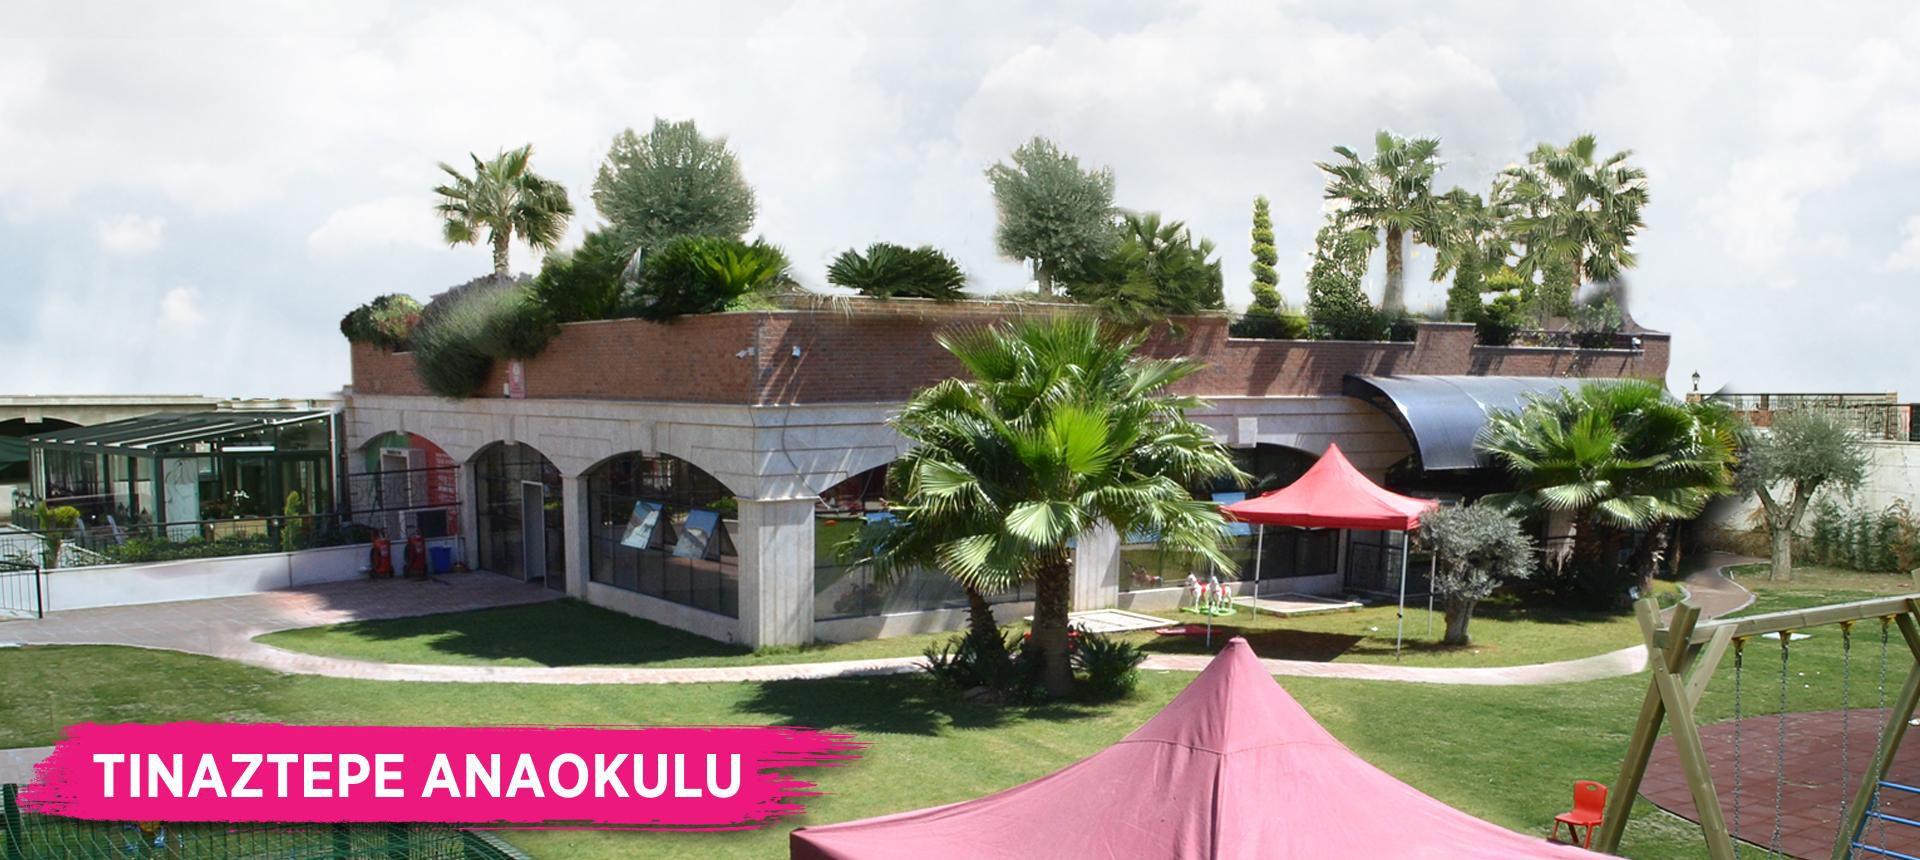 Zübeyde Hanım Okulları Tınaztepe Anaokulu